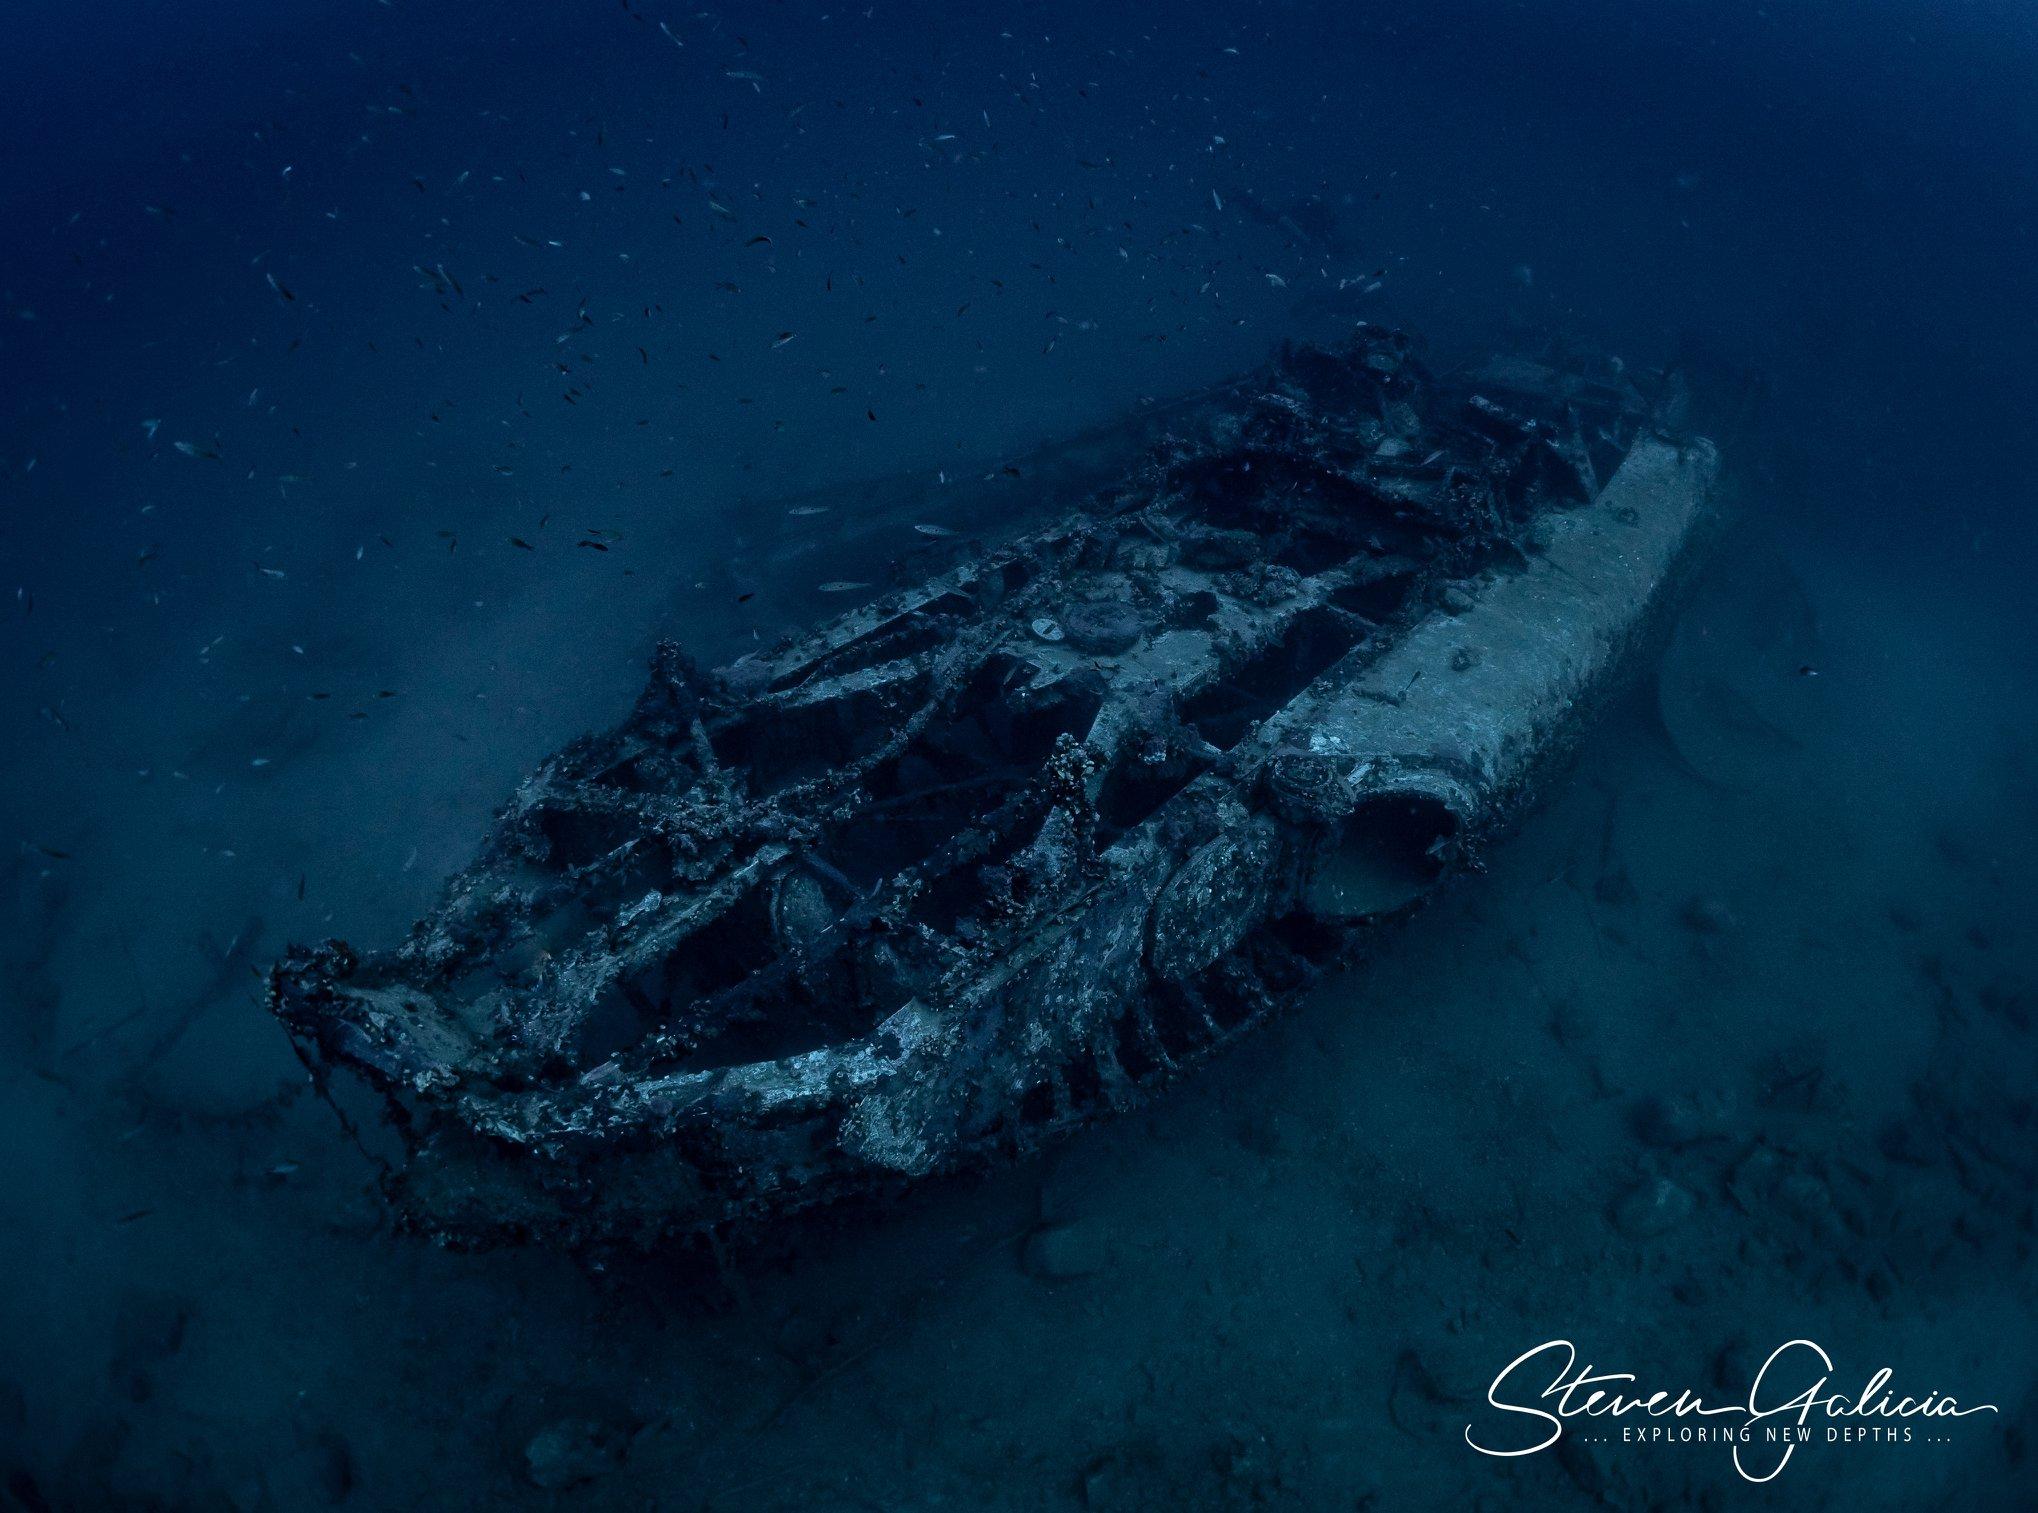 S31 Schnellboot, sank 1942 [Steven Galicia]